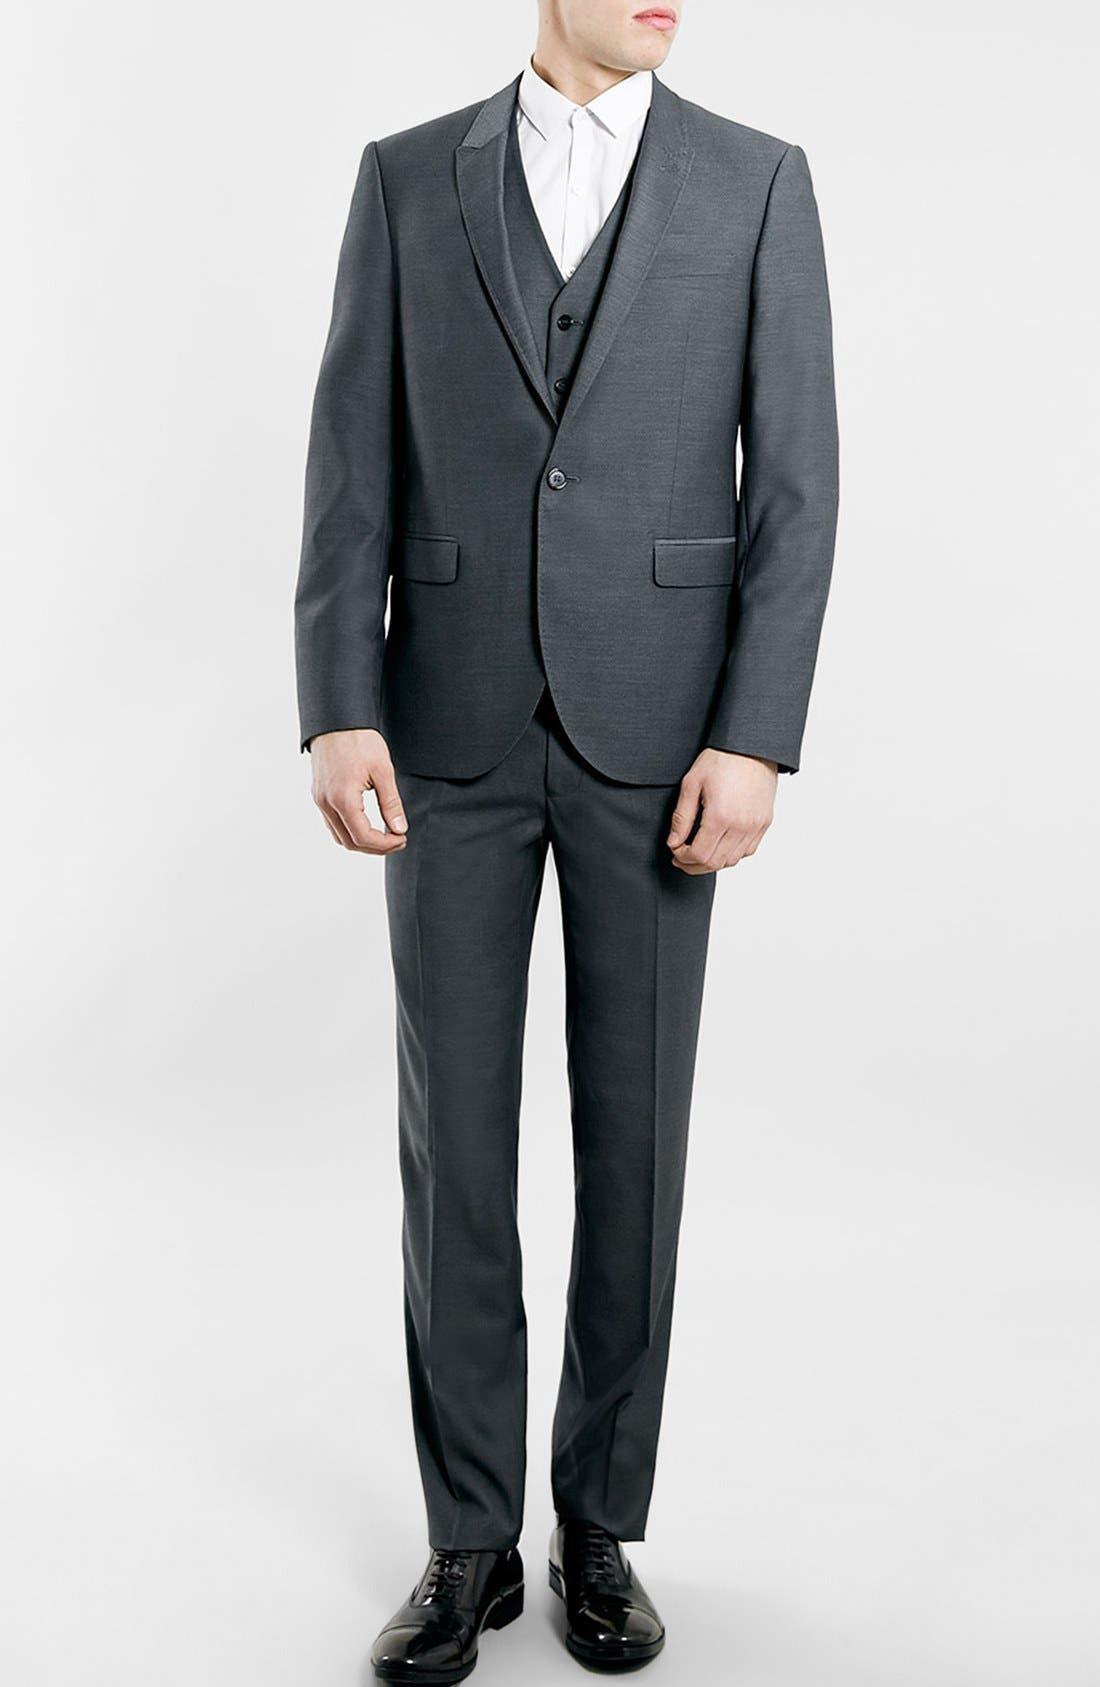 TOPMAN, Slim Fit Grey Diamond Texture Suit Jacket, Alternate thumbnail 4, color, 020